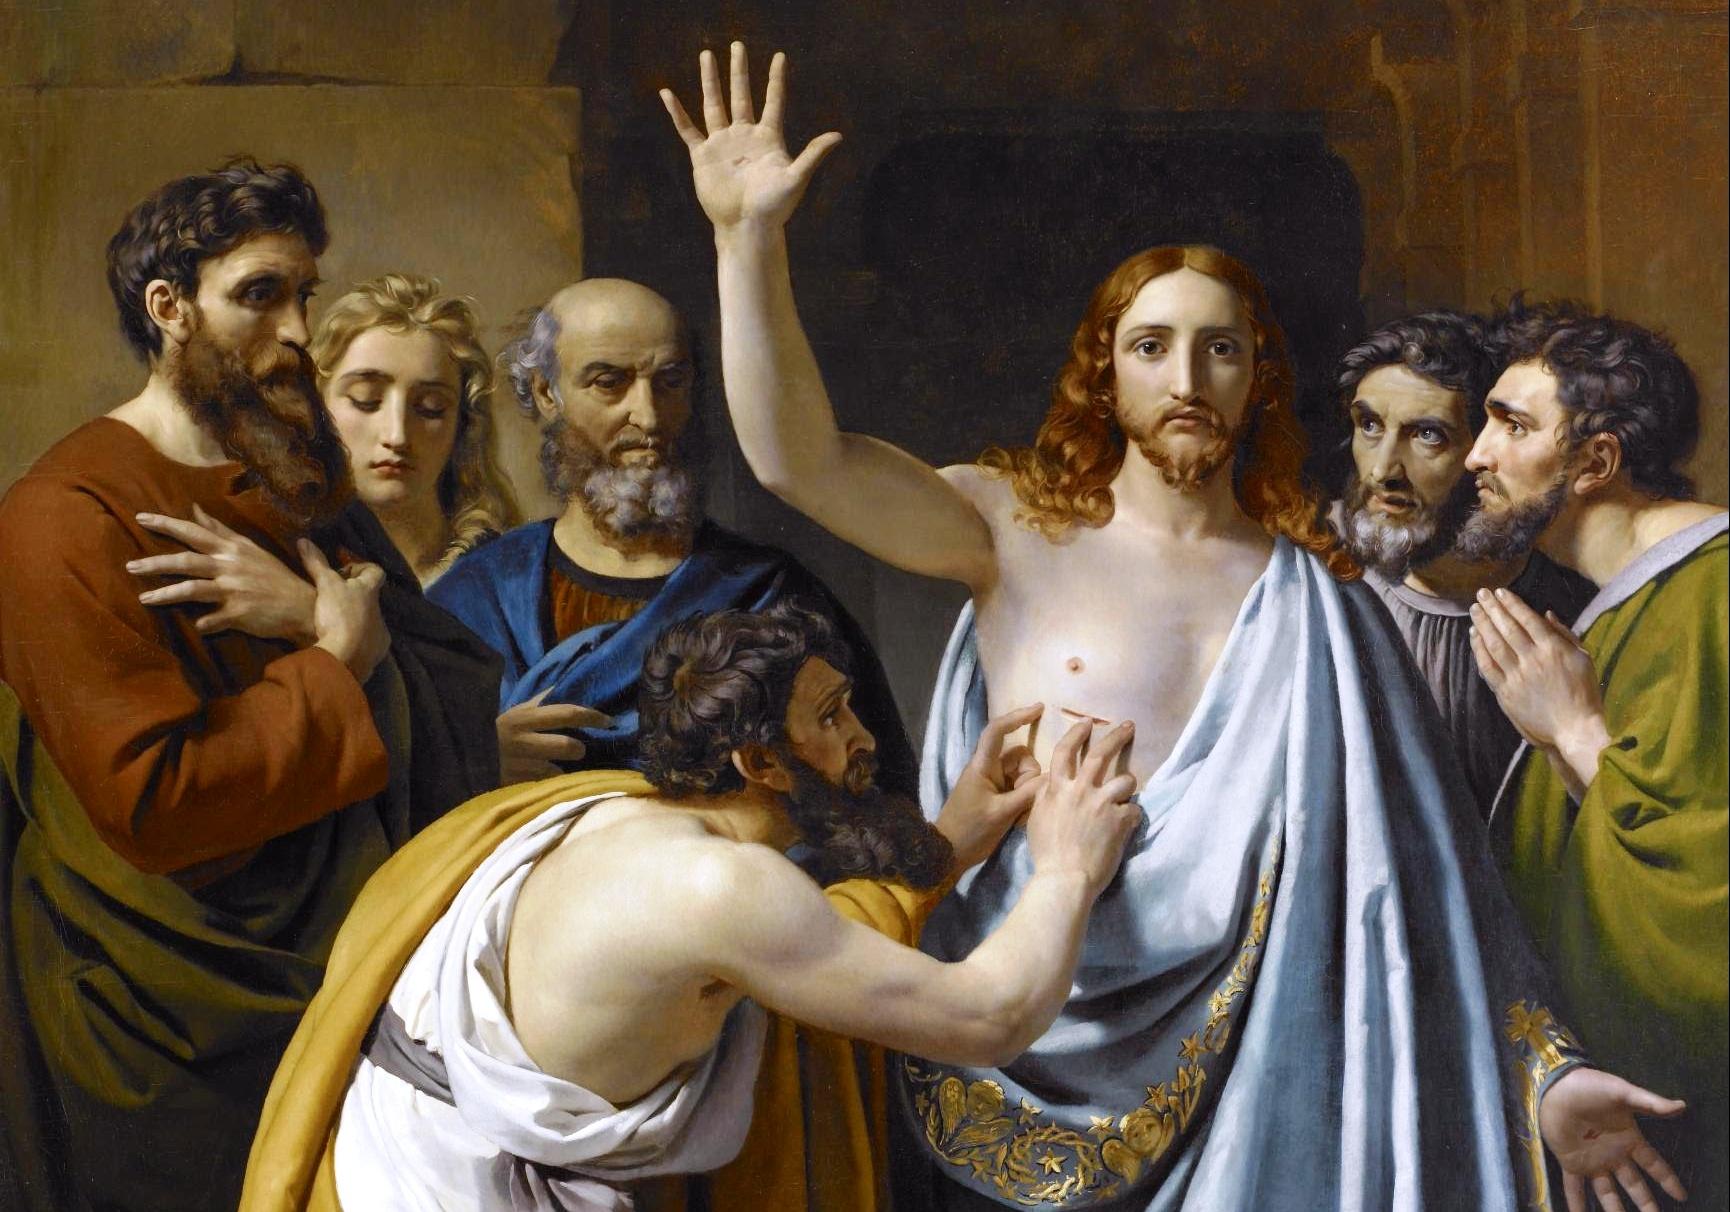 253392-Thomas-und-Jesus-auf-dem-Gemalde-The-Incredulity-of-Saint-Thomas-Die-Skepsis-des-Heiligen